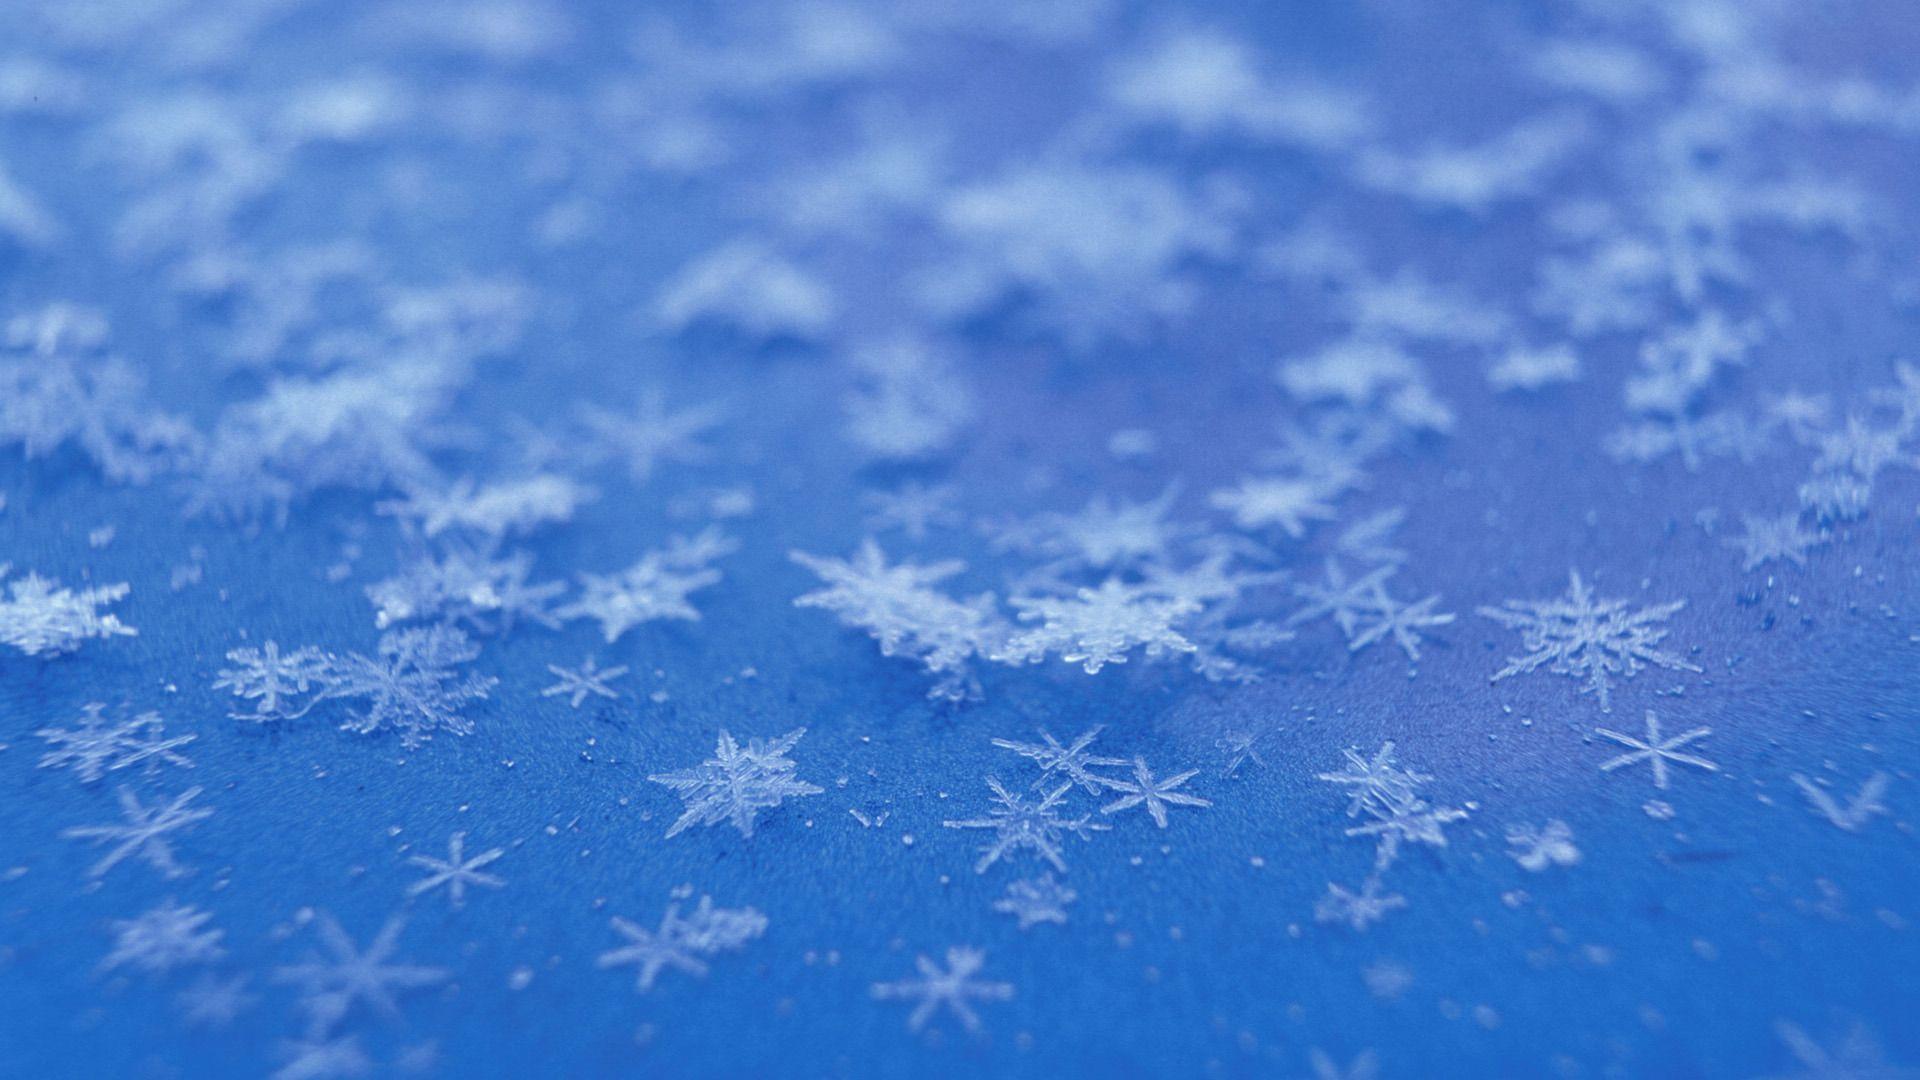 Free Desktop Snowflake Wallpaper Hd Snowflake Wallpaper Snowflakes Blue Backgrounds